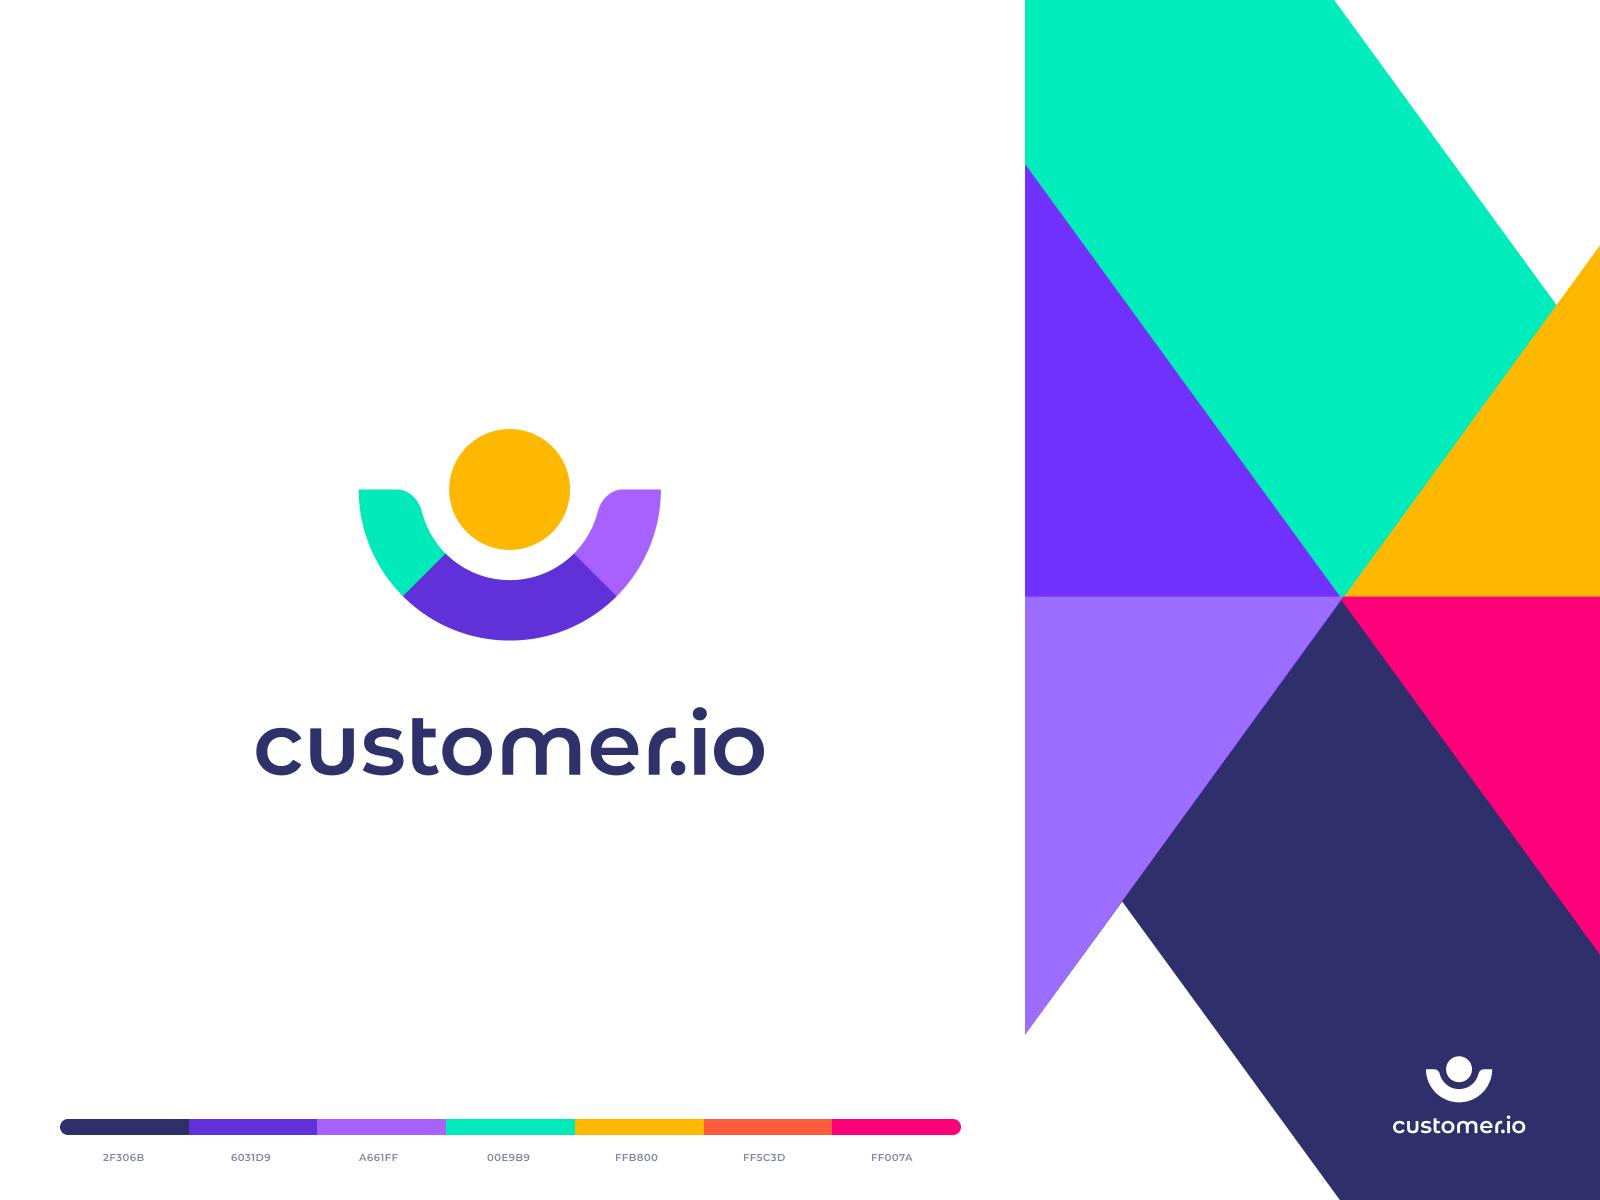 Customer.io - branding